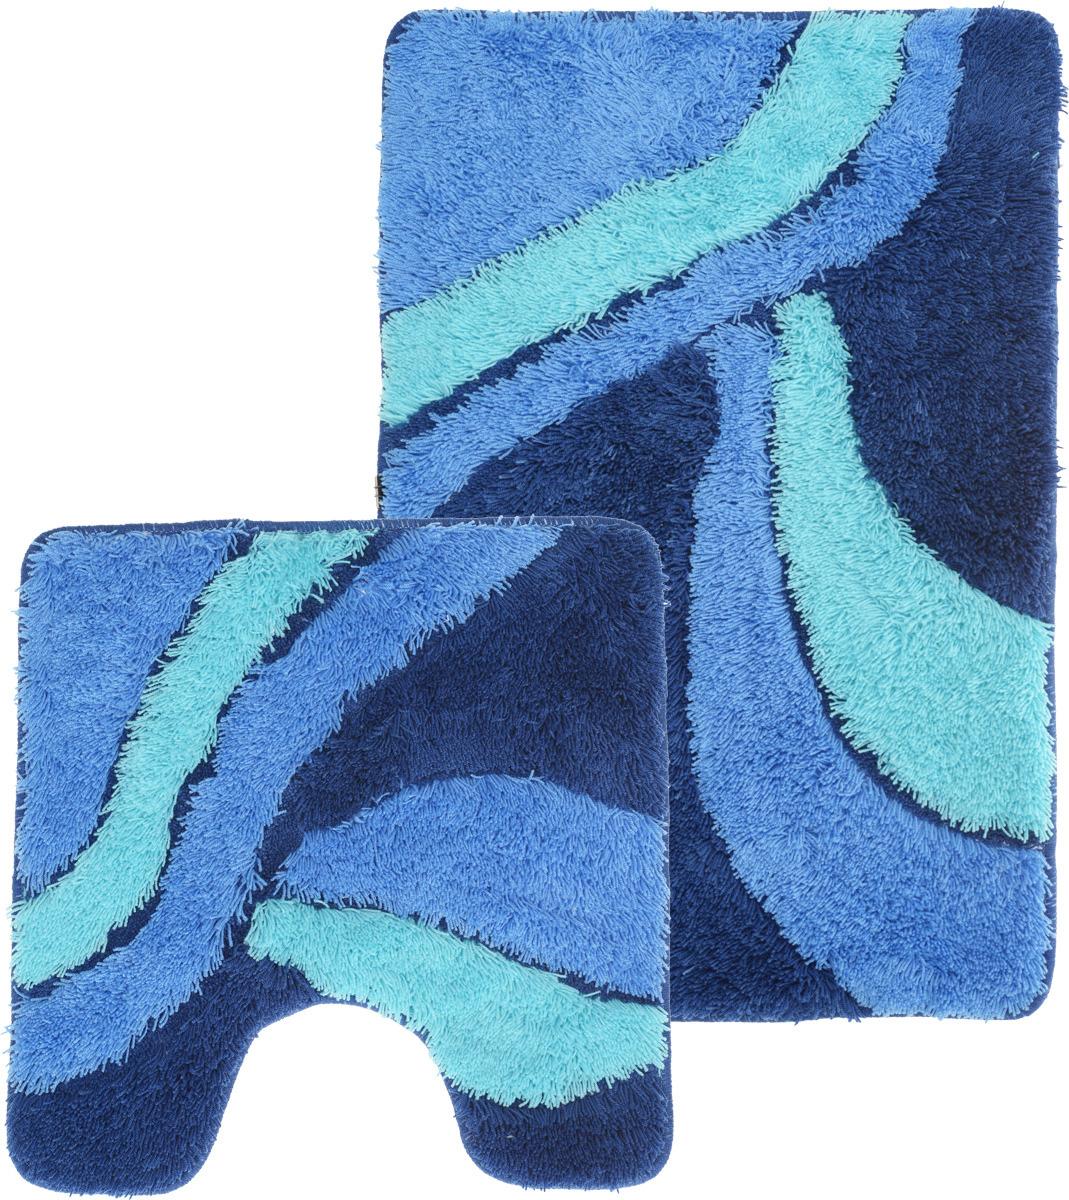 Набор ковриков для ванной Iddis Attika, цвет: синий, 50 х 80 см, 50 х 50 см, 2 шт набор ковриков для ванной iddis beige landscape цвет бежевый 60 х 90 см 50 х 50 см 2 шт